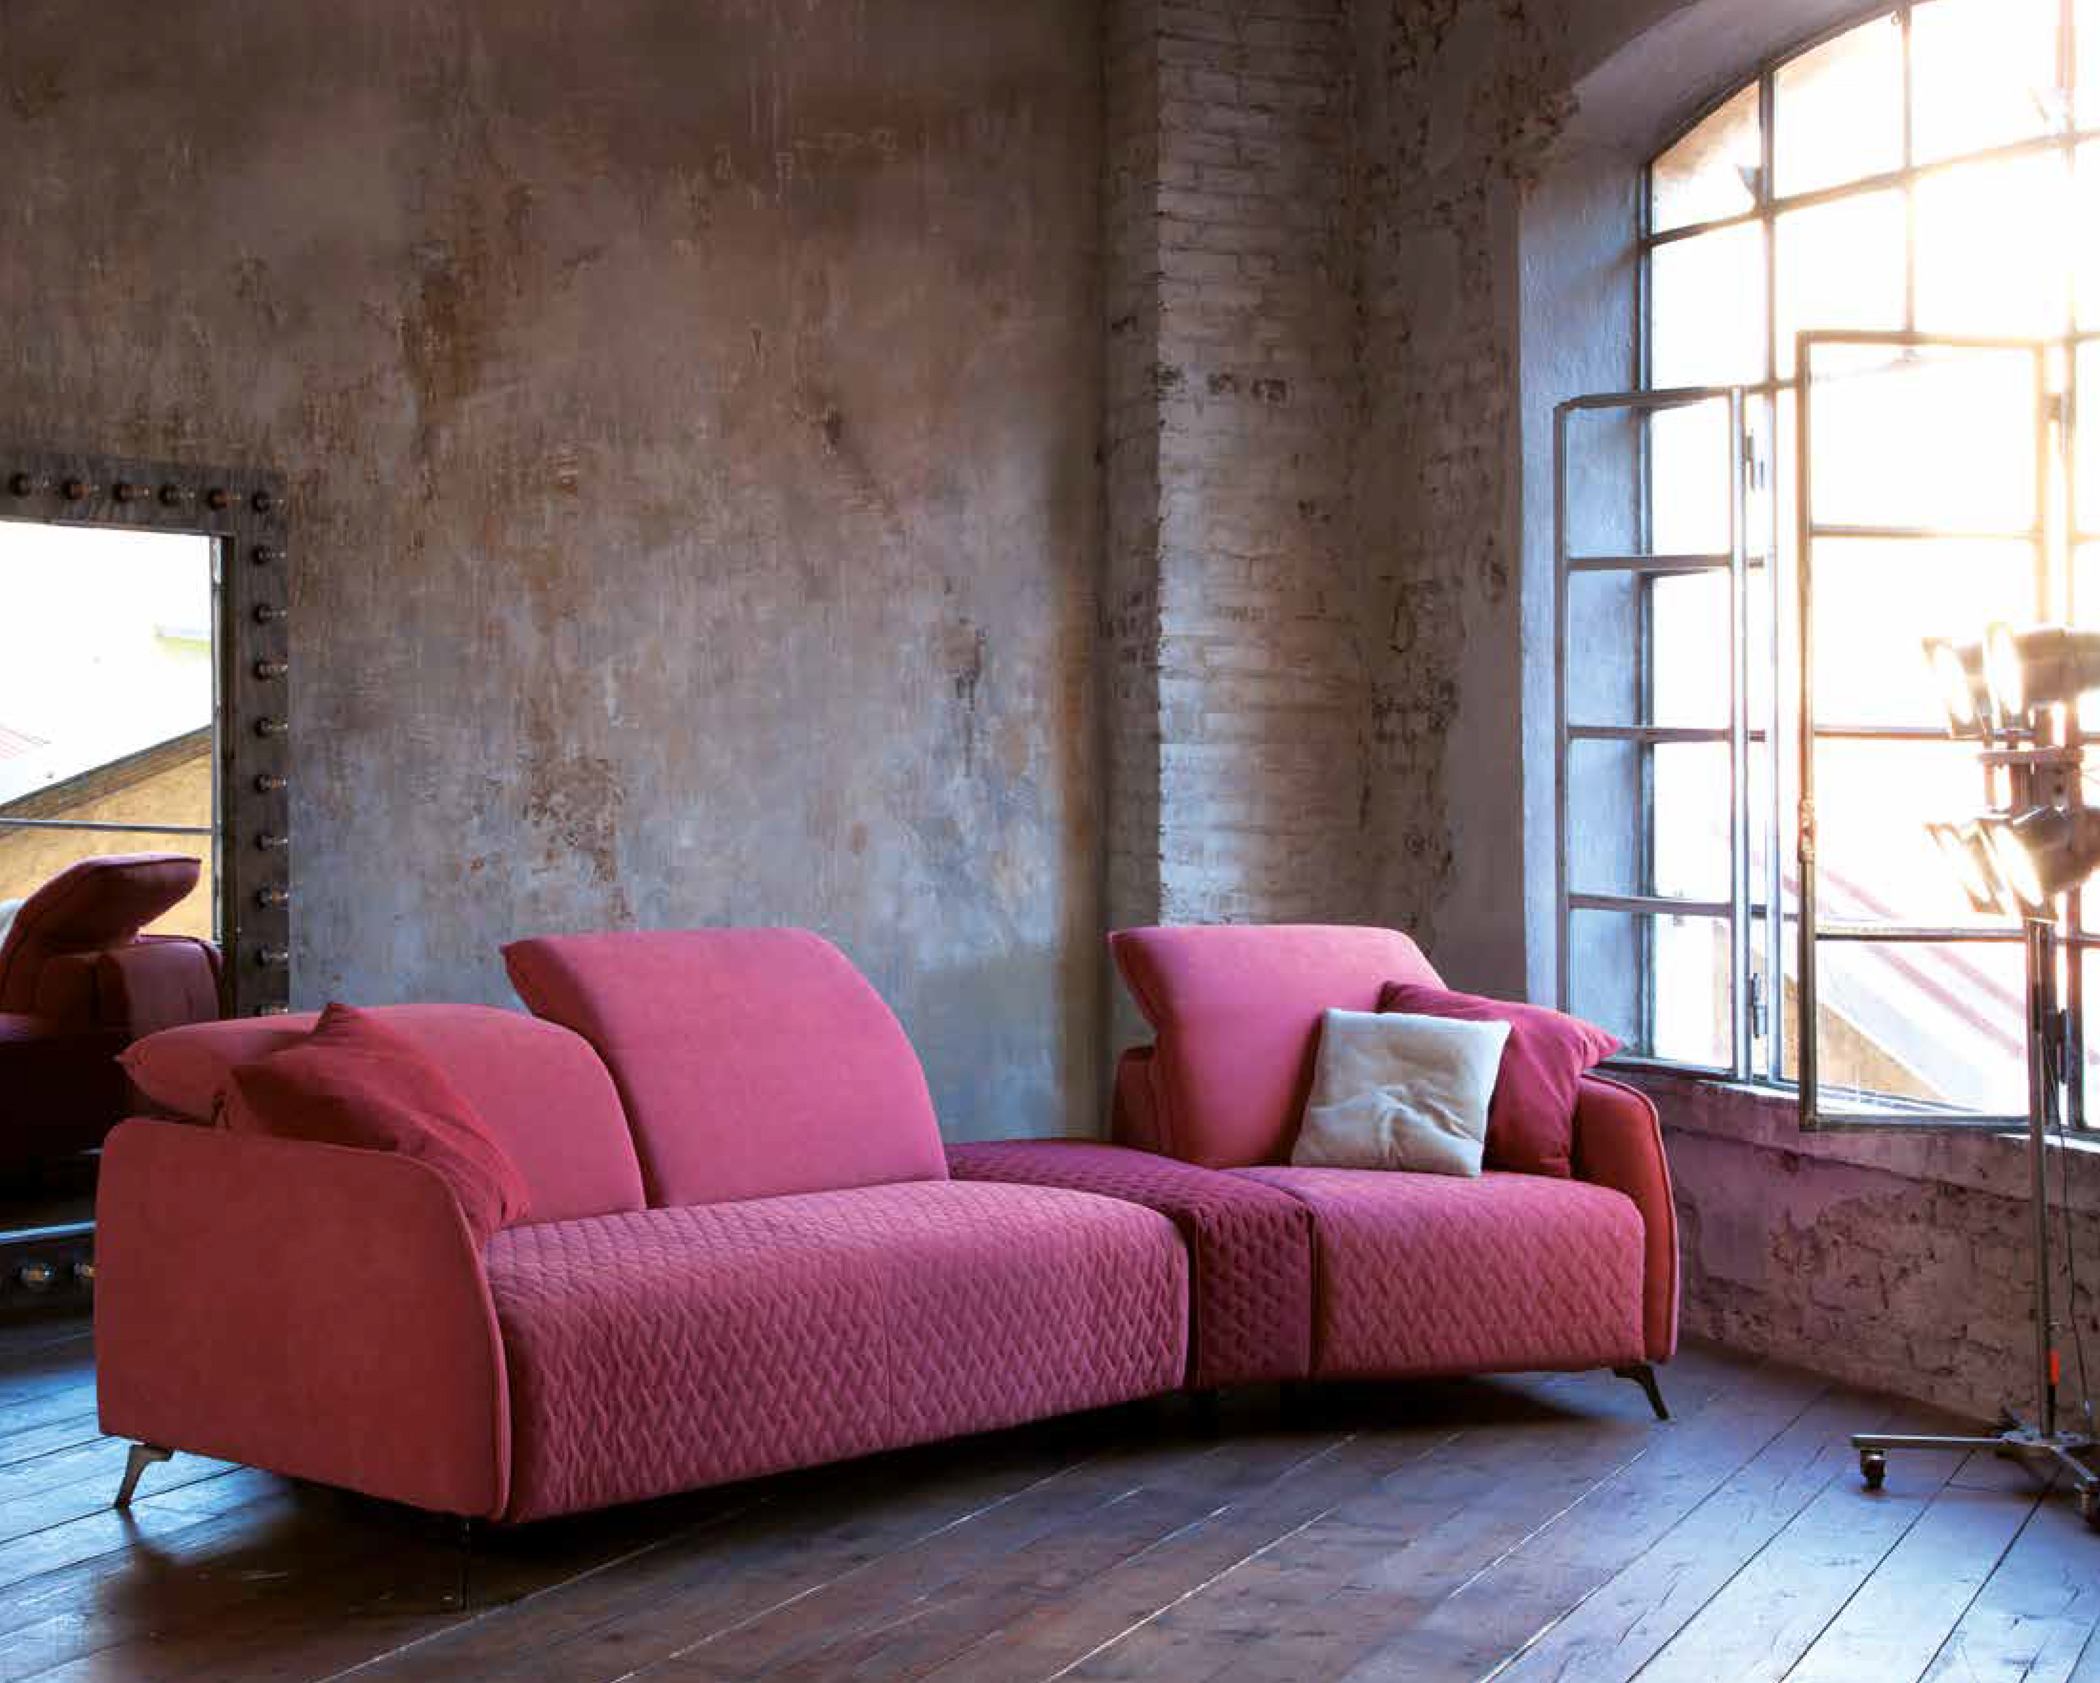 Canapé Muse de Confort Plus, style panoramique